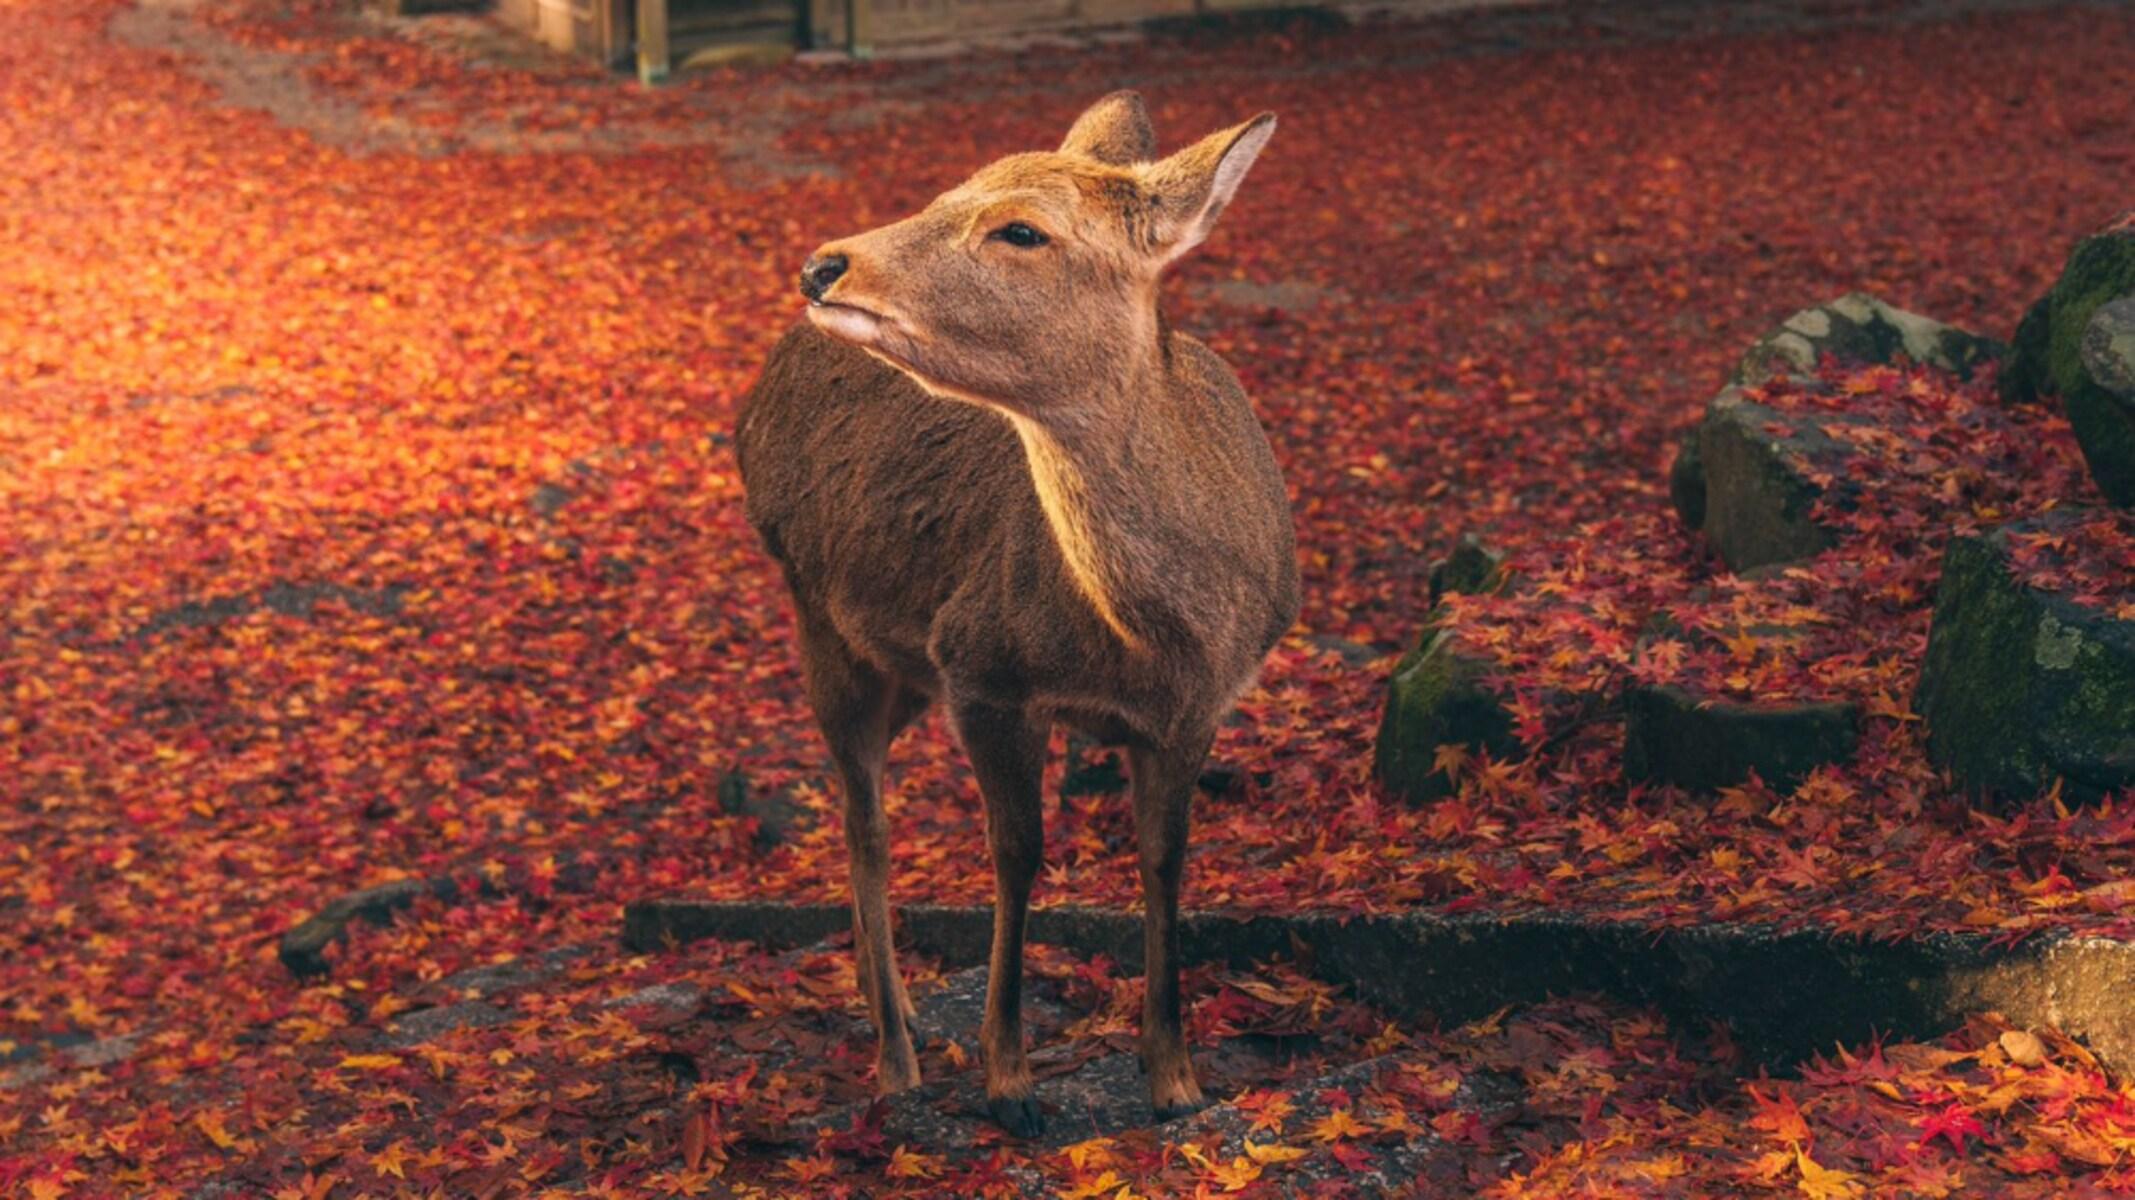 「まるで花札の世界」思わず見とれてしまう…美しすぎる奈良の風景に称賛の嵐